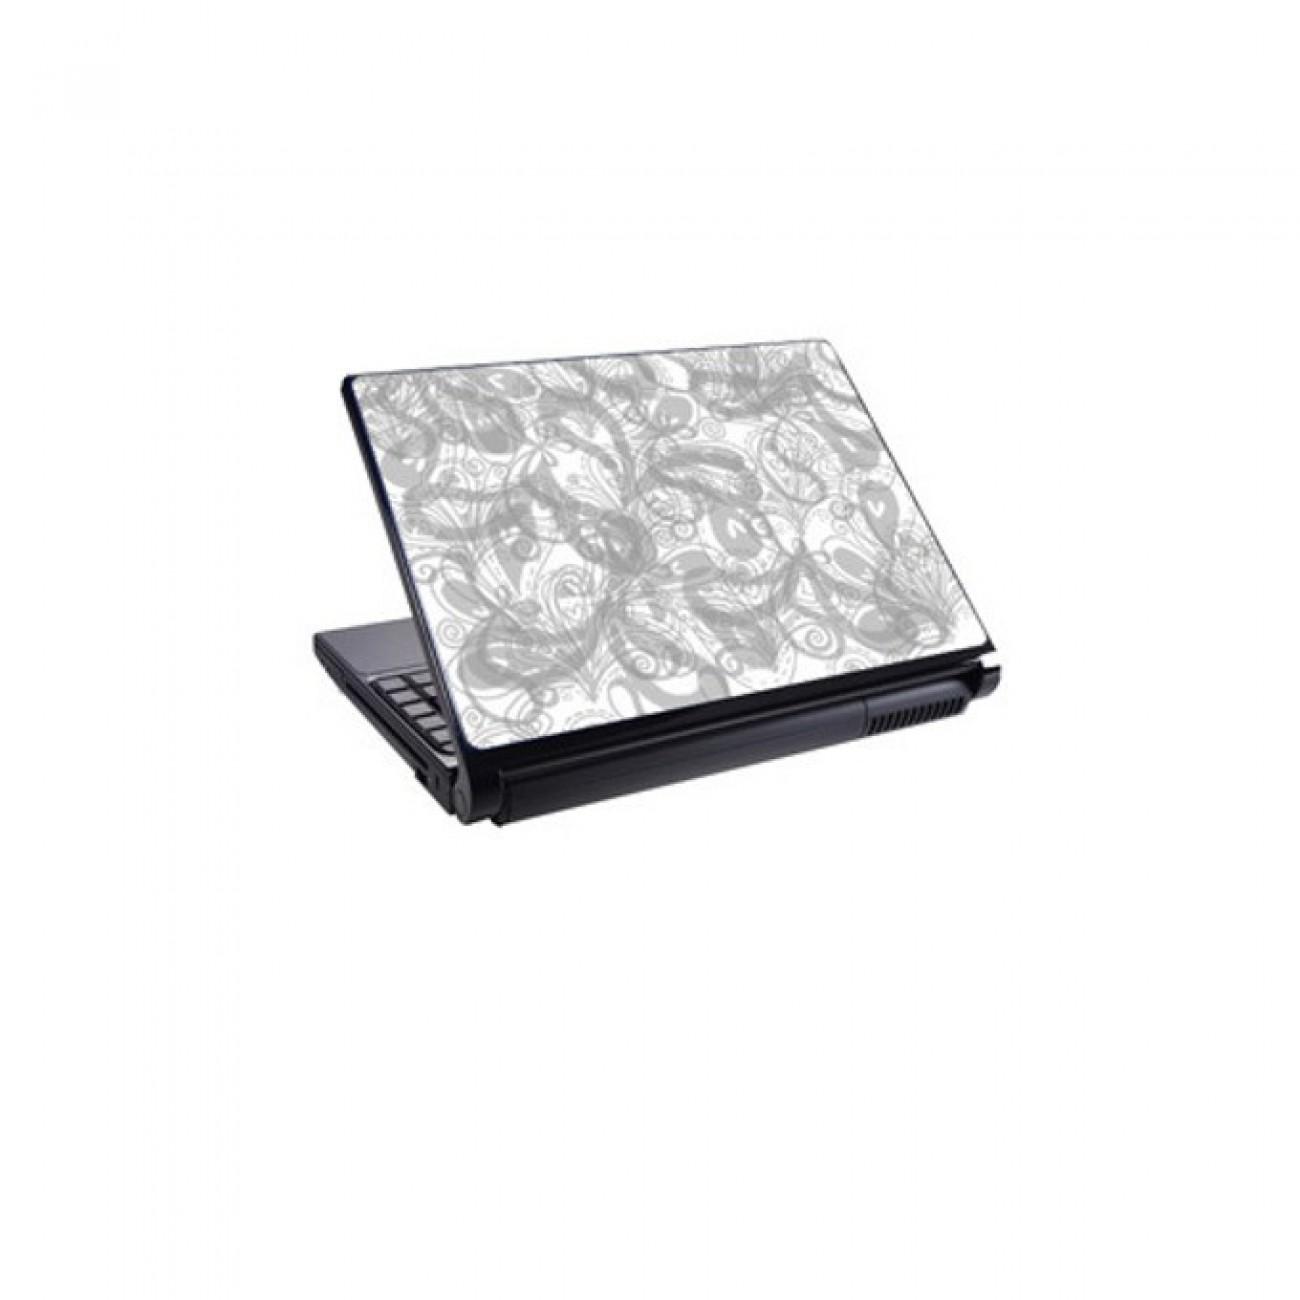 Декорация /скин/ Fullmark LS0022, за лаптопи до 26.7 x 39.37cm, бяло-сив в Други аксесоари за Лаптопи -  | Alleop